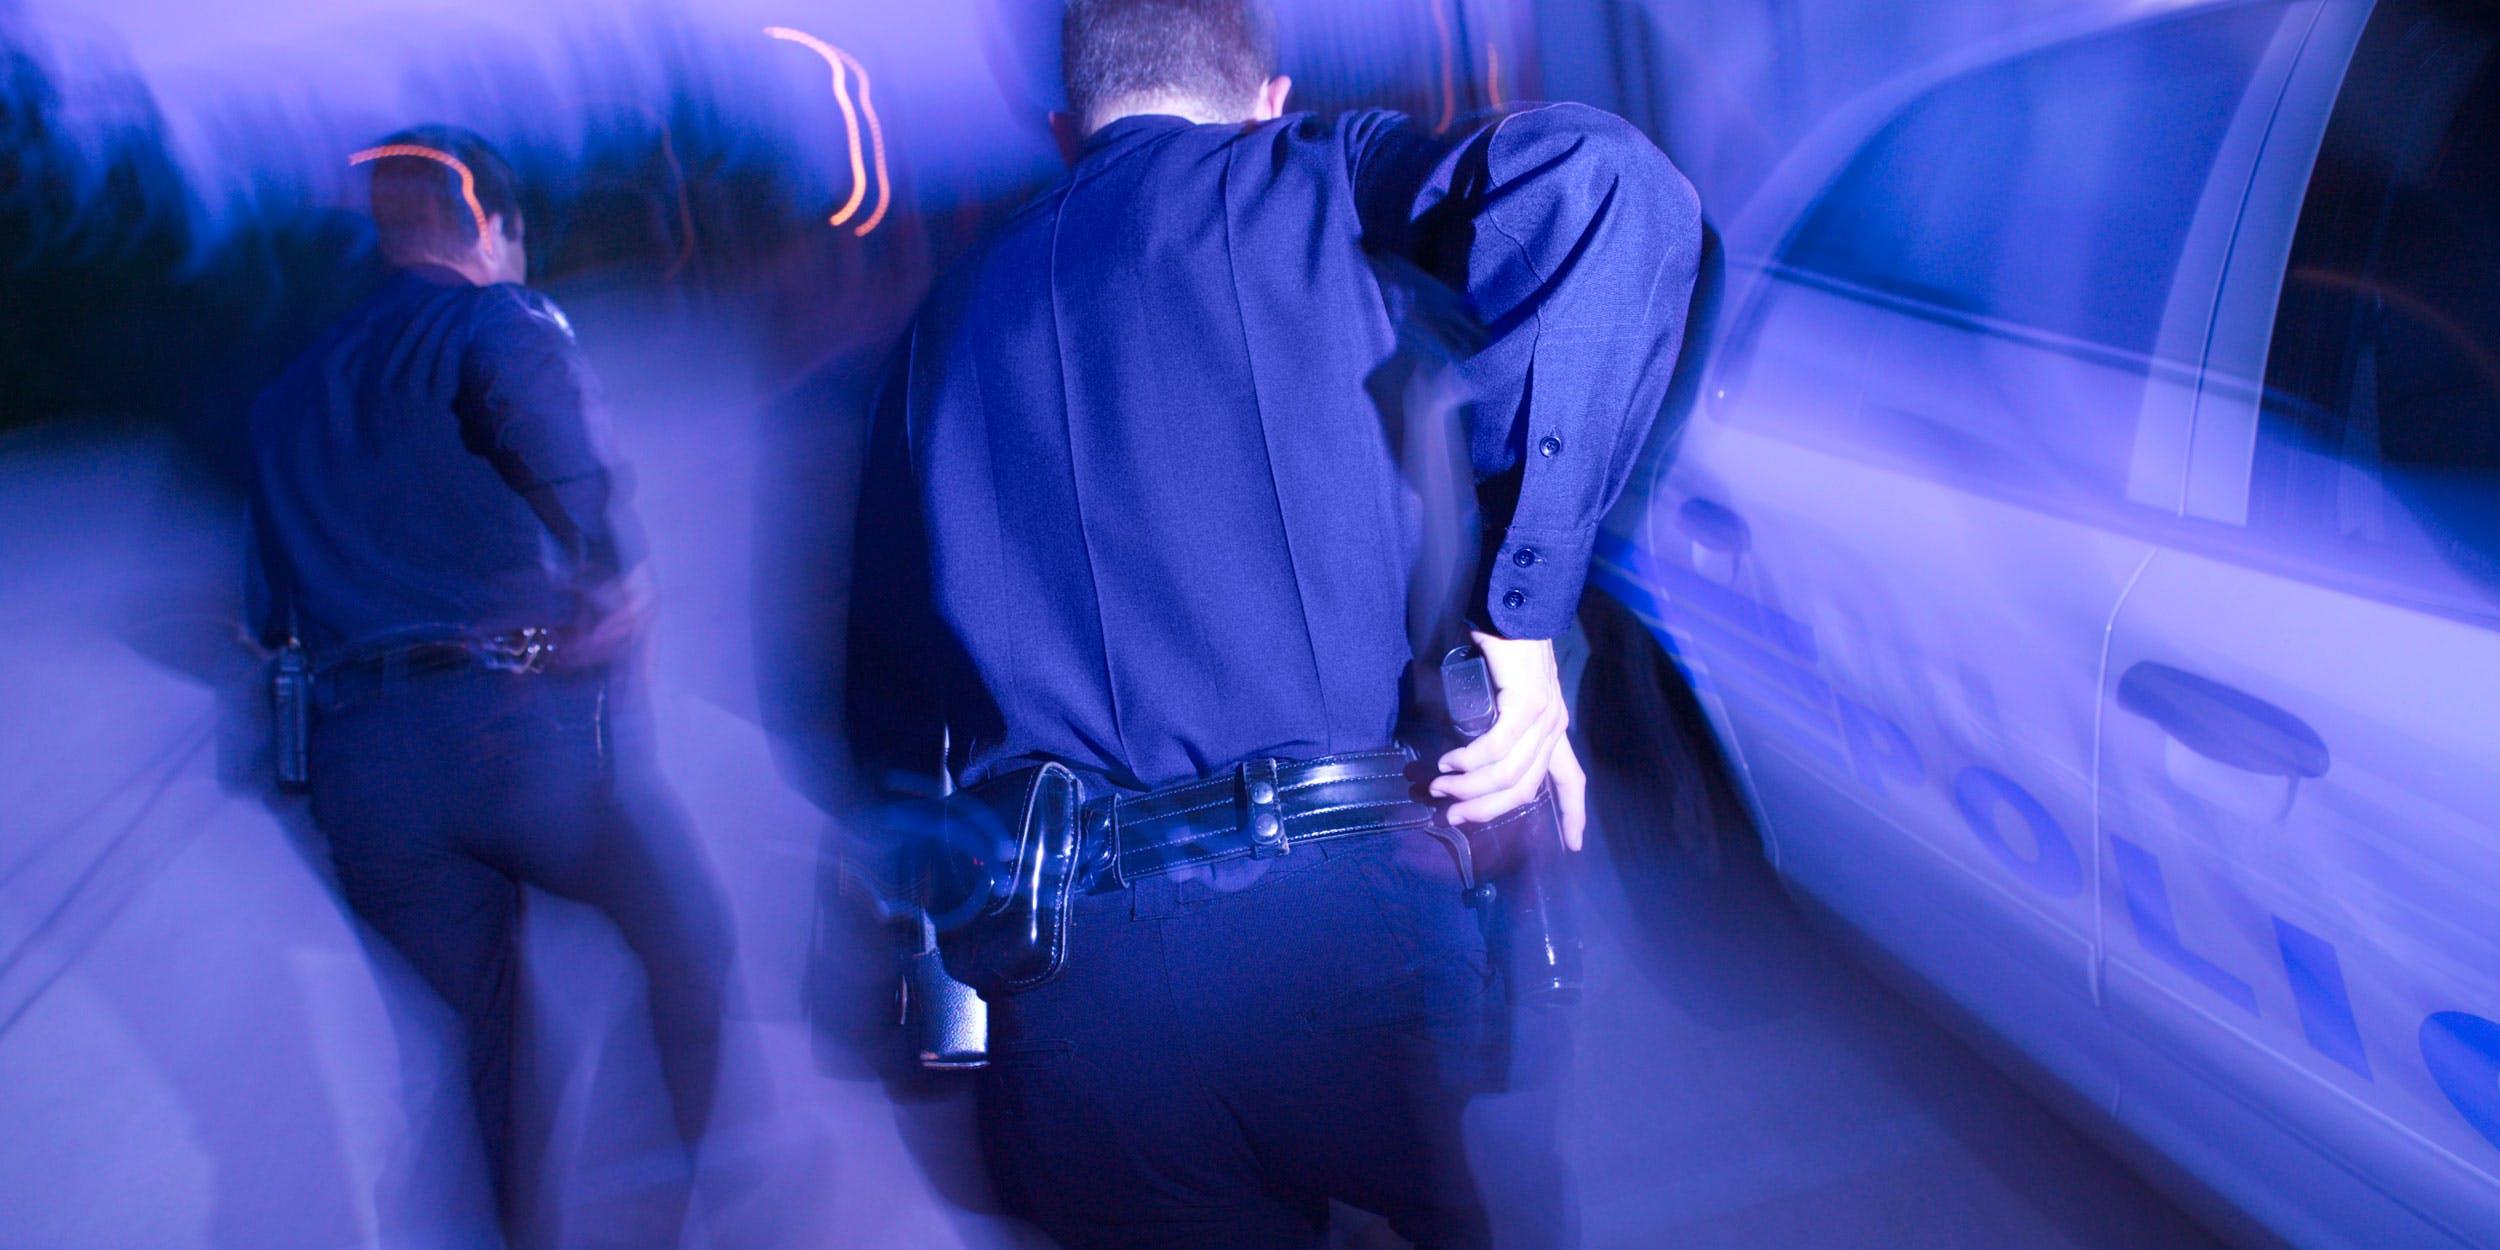 Toronto cops running away